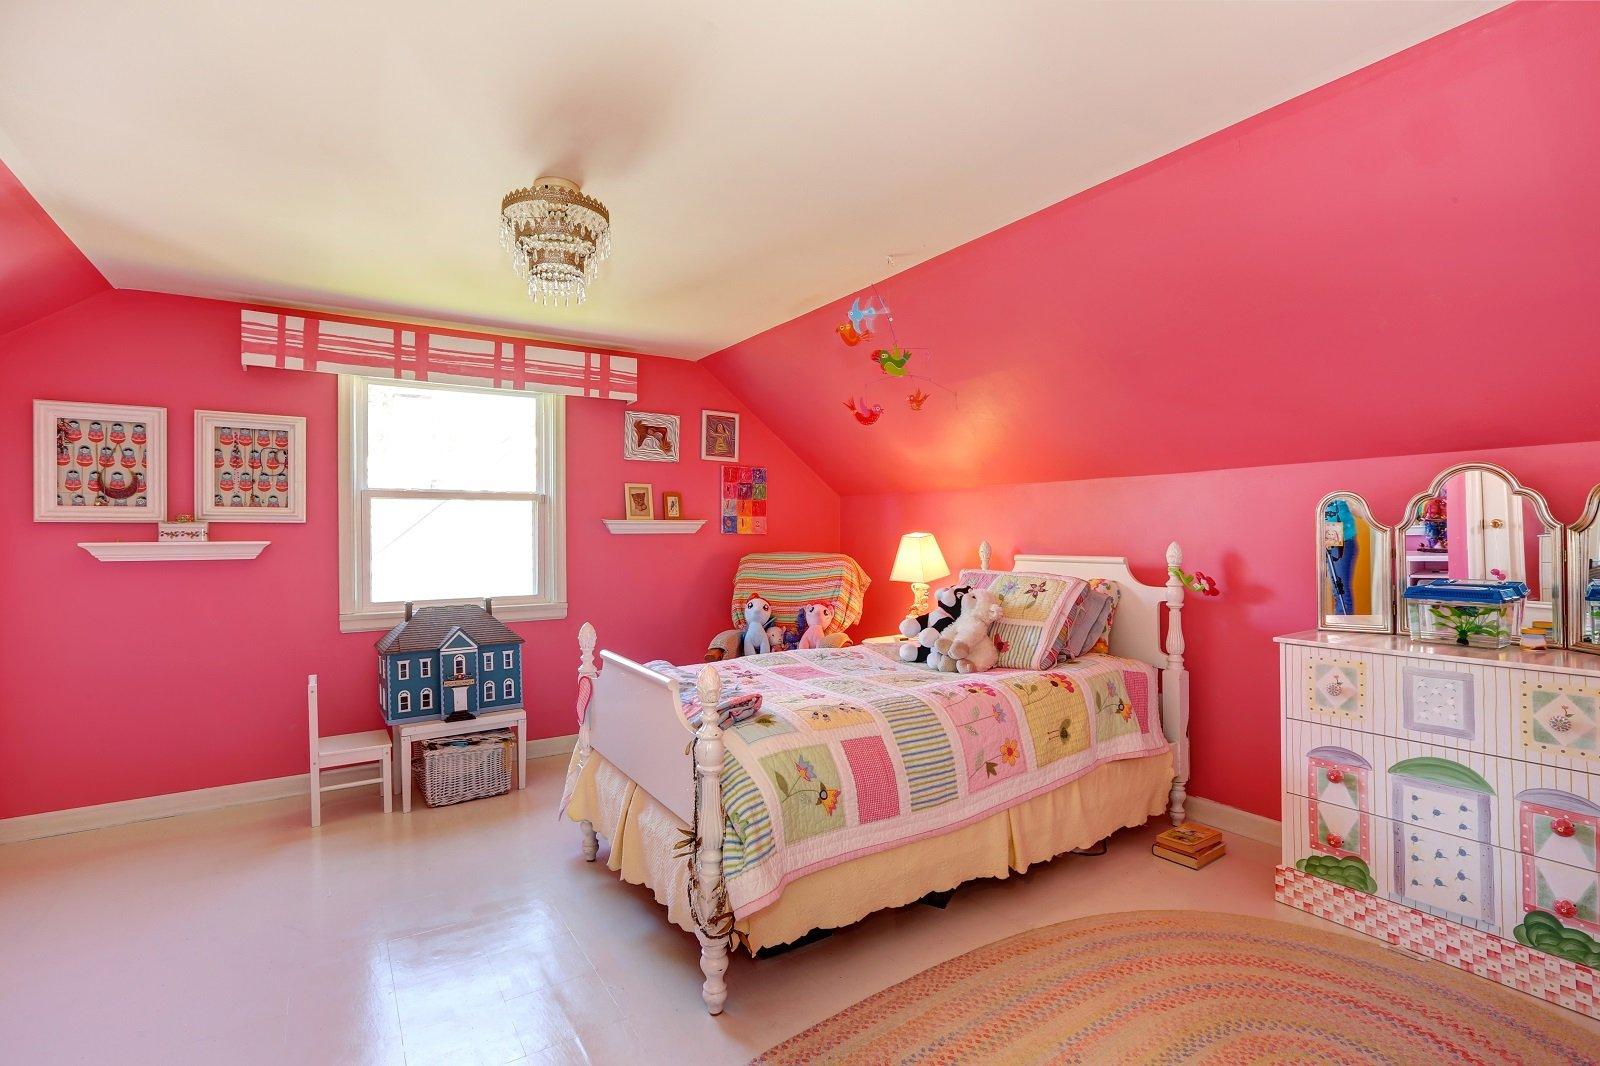 una camera con un letto singolo e dei muri di color rosa